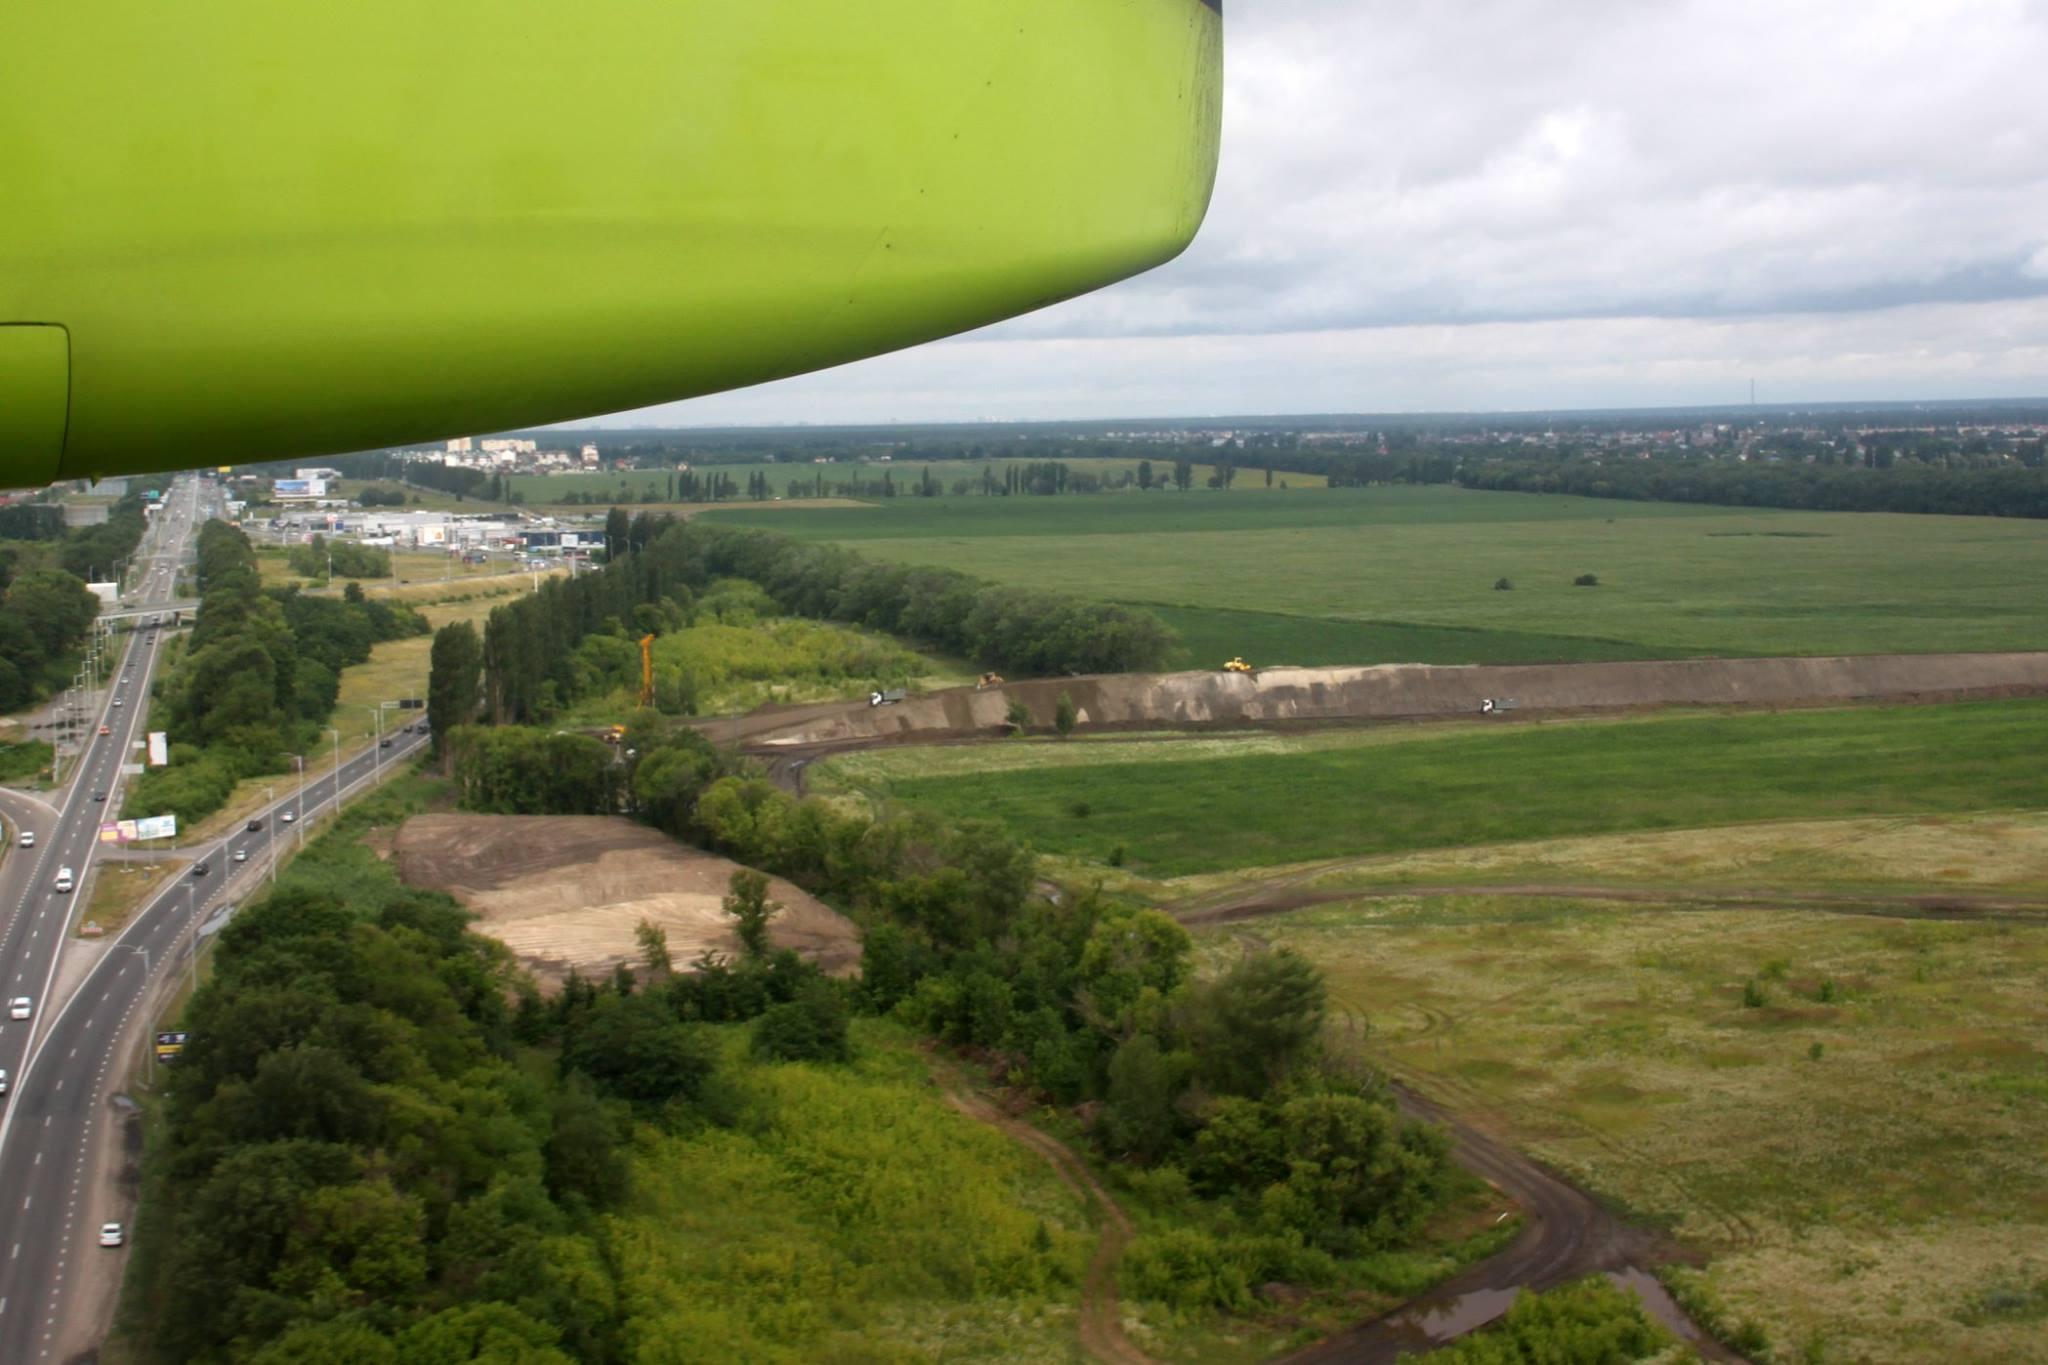 Cвежие фото о ходе строительства железнодорожной ветки в аэропорт Борисполь